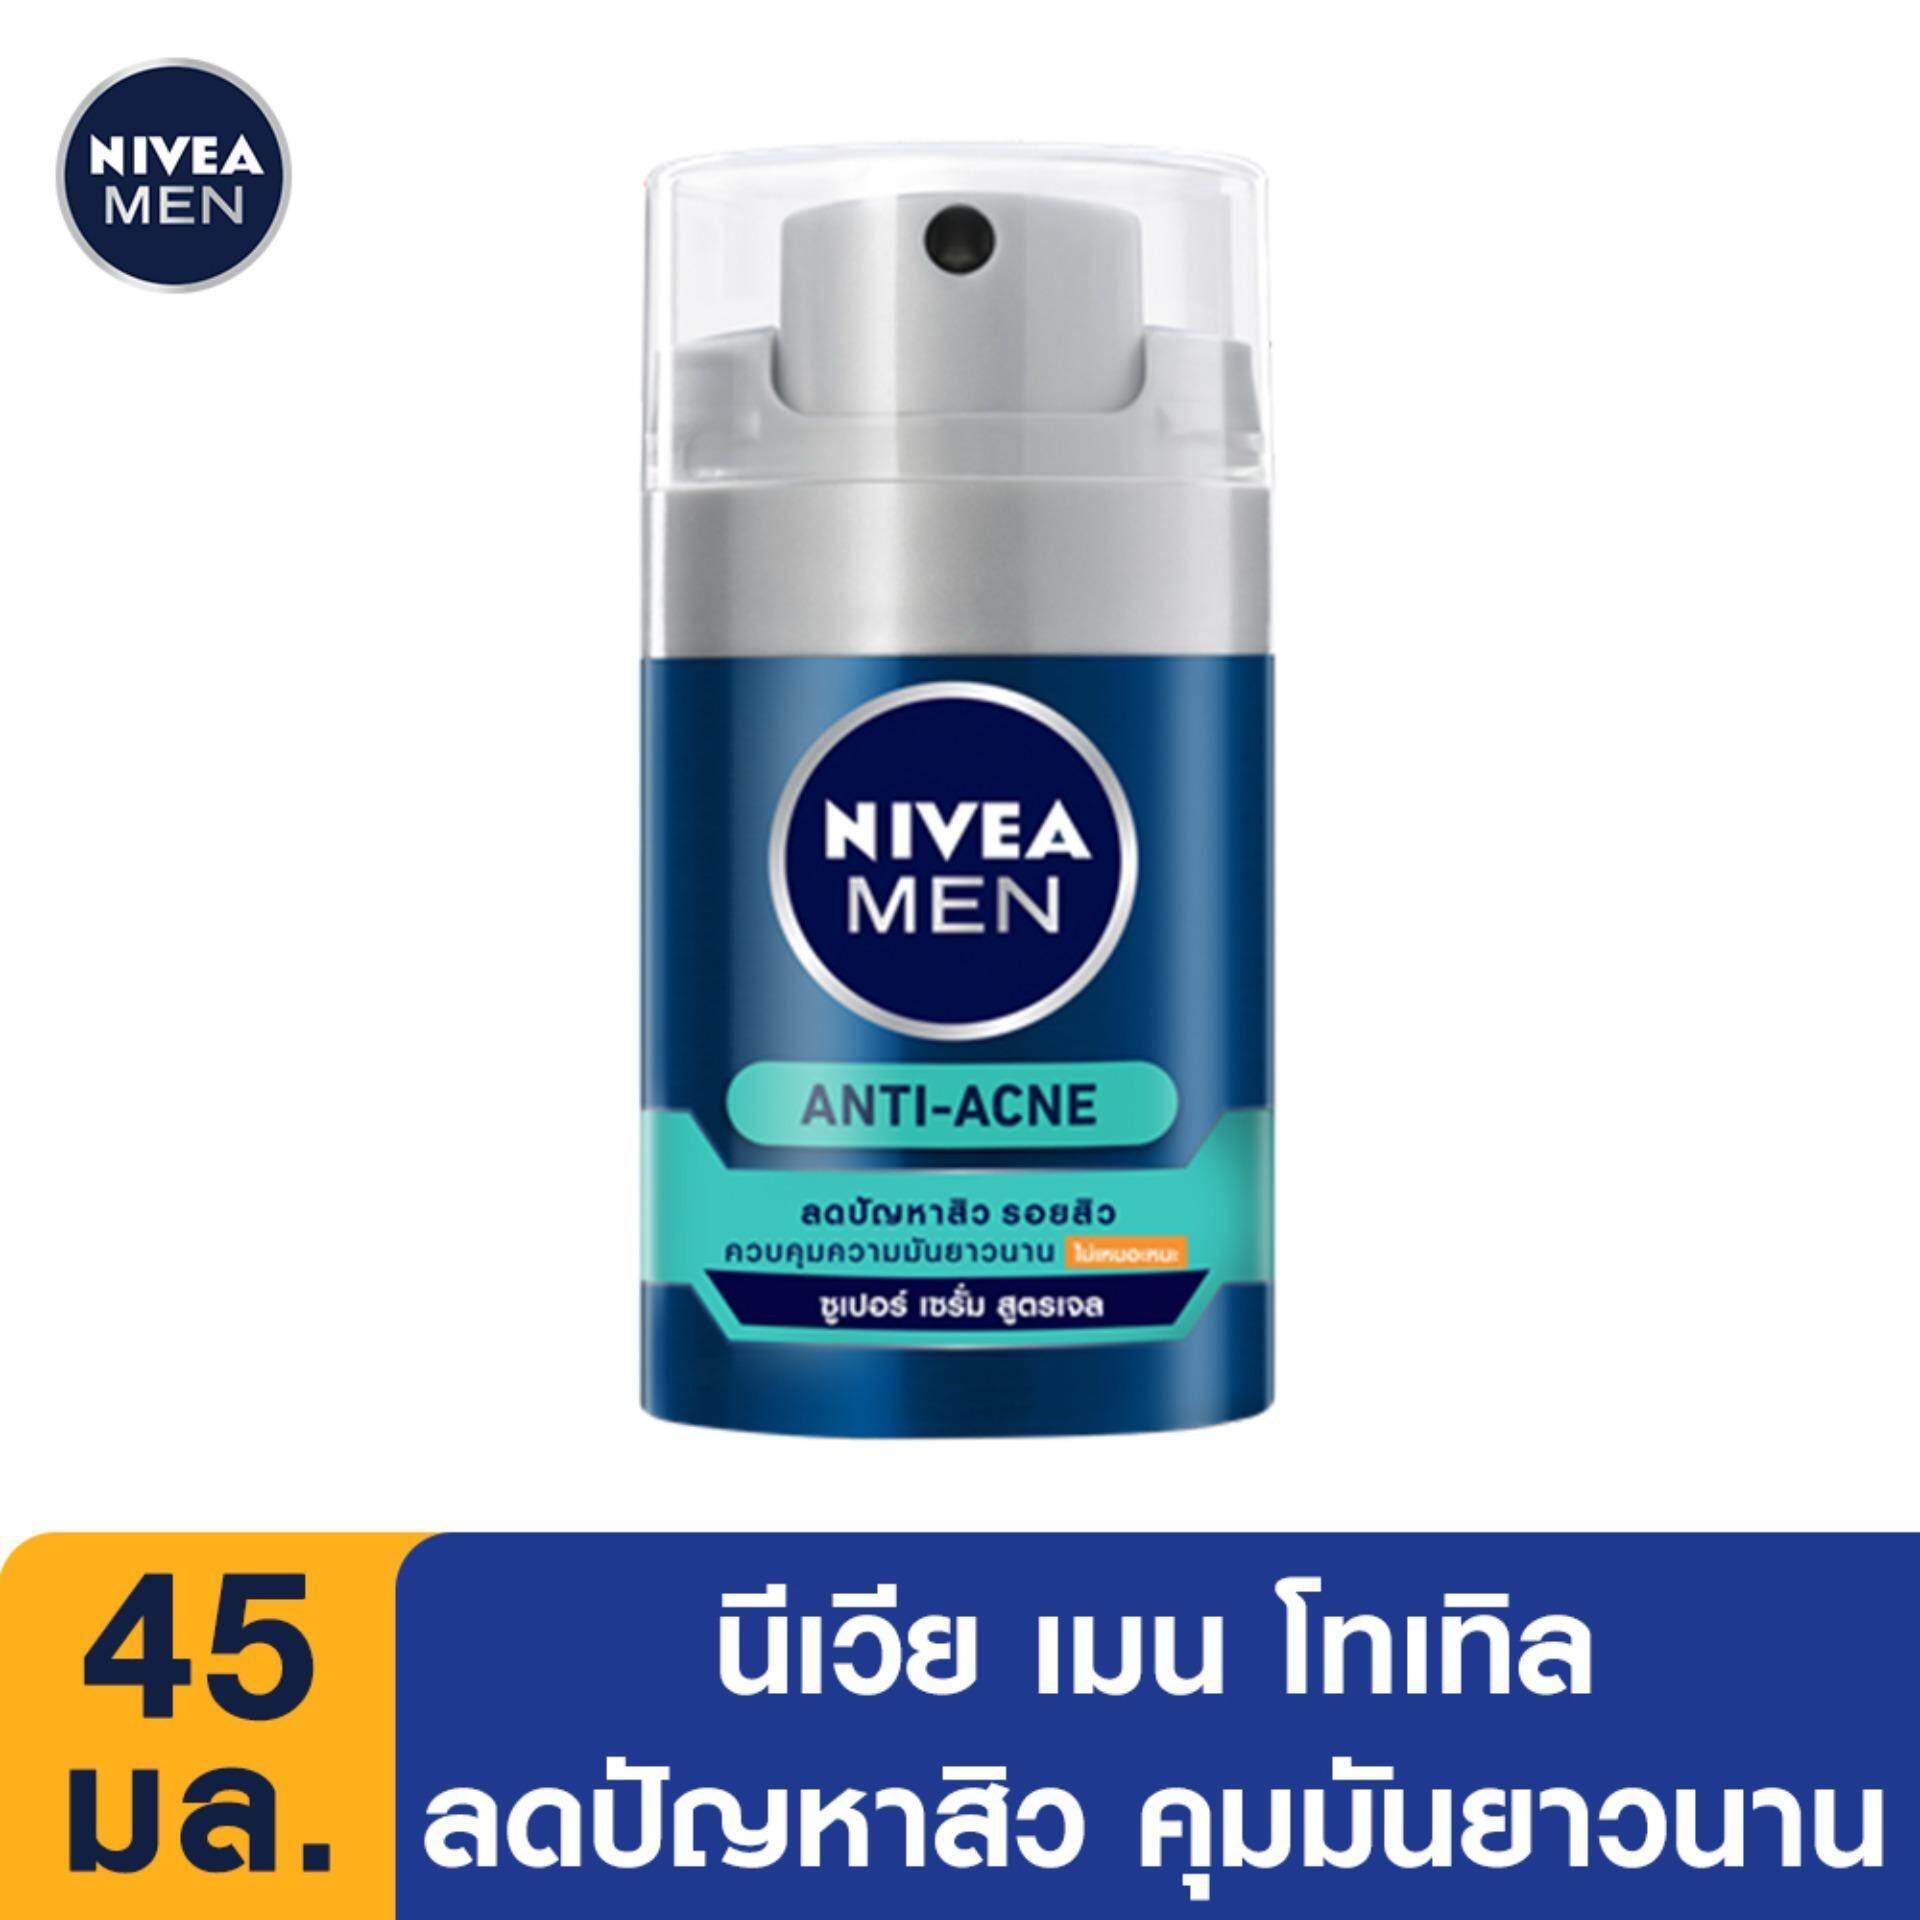 โปรโมชั่น นีเวีย เมน โทเทิ่ล แอนตี้ แอคเน่ ออย คอนโทรล เจล เซรั่ม 50 มล Nivea Men Total Anti Acne Oil Control Gel Serum 50 Ml ใน สมุทรปราการ